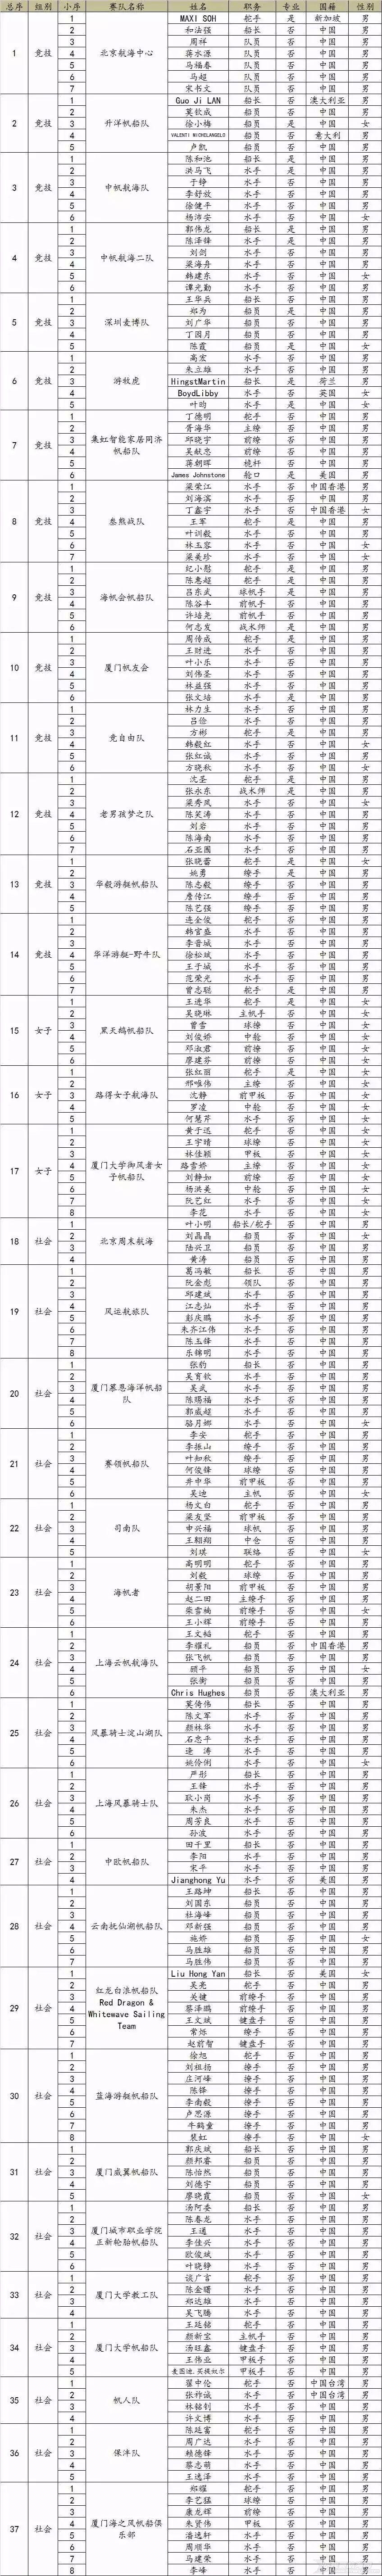 第13届中国俱乐部杯帆船挑战赛选手公示w2.jpg